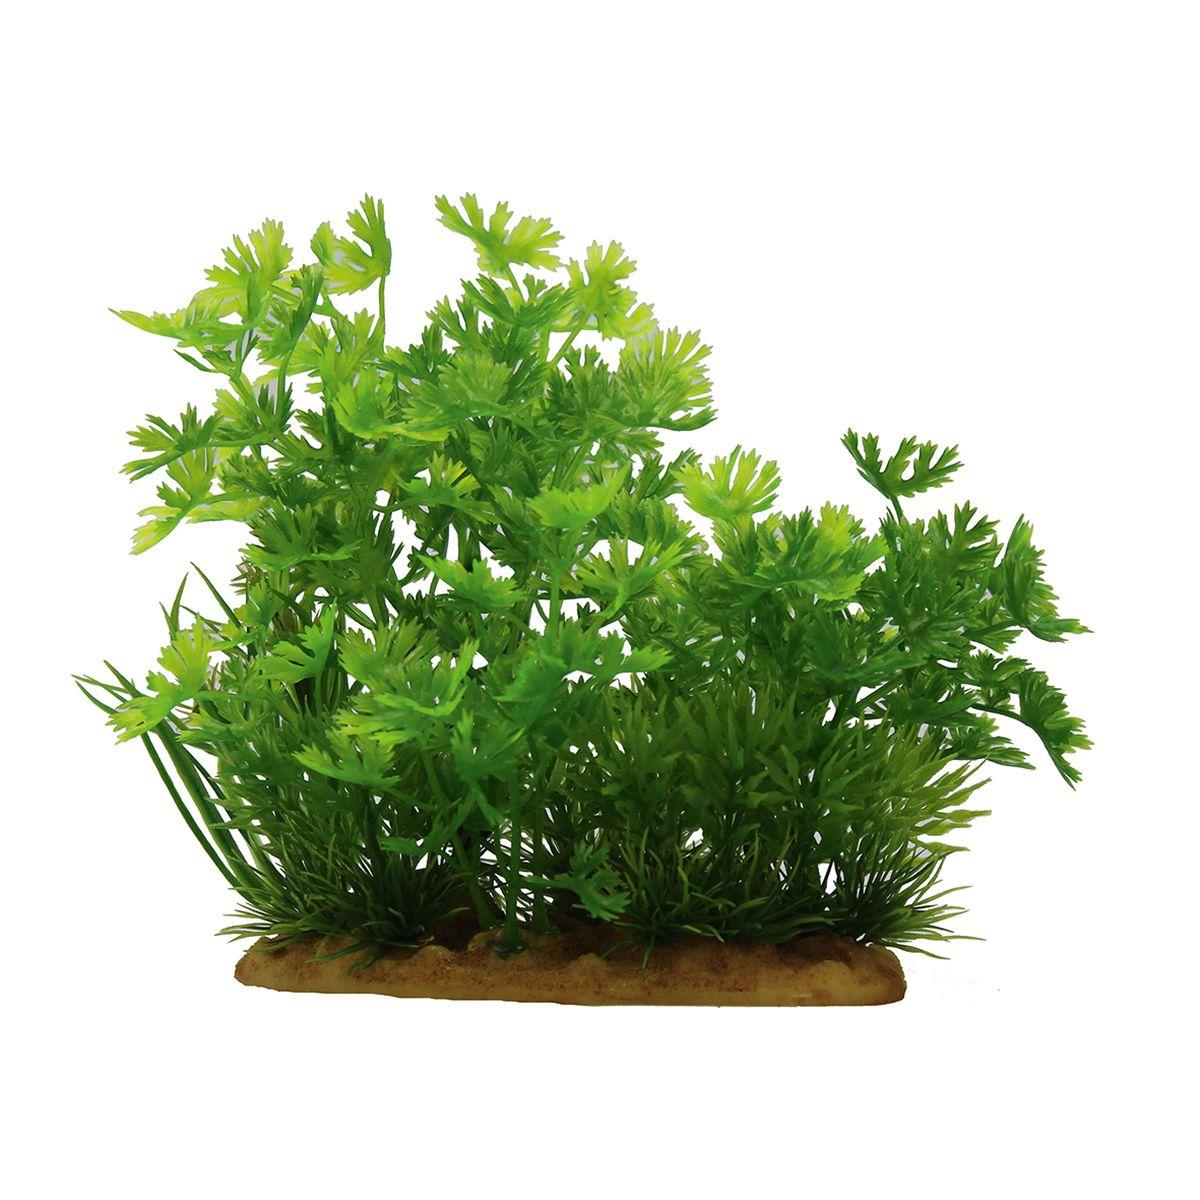 Растение для аквариума ArtUniq Лютик водный, высота 15 см. ART-116010212171996Композиция из искусственных растений ArtUniq превосходно украсит и оживит аквариум.Растения - это важная часть любой композиции, они помогут вдохнуть жизнь в ландшафт любого аквариума или террариума. А их сходствос природными порадует даже самых взыскательных ценителей.